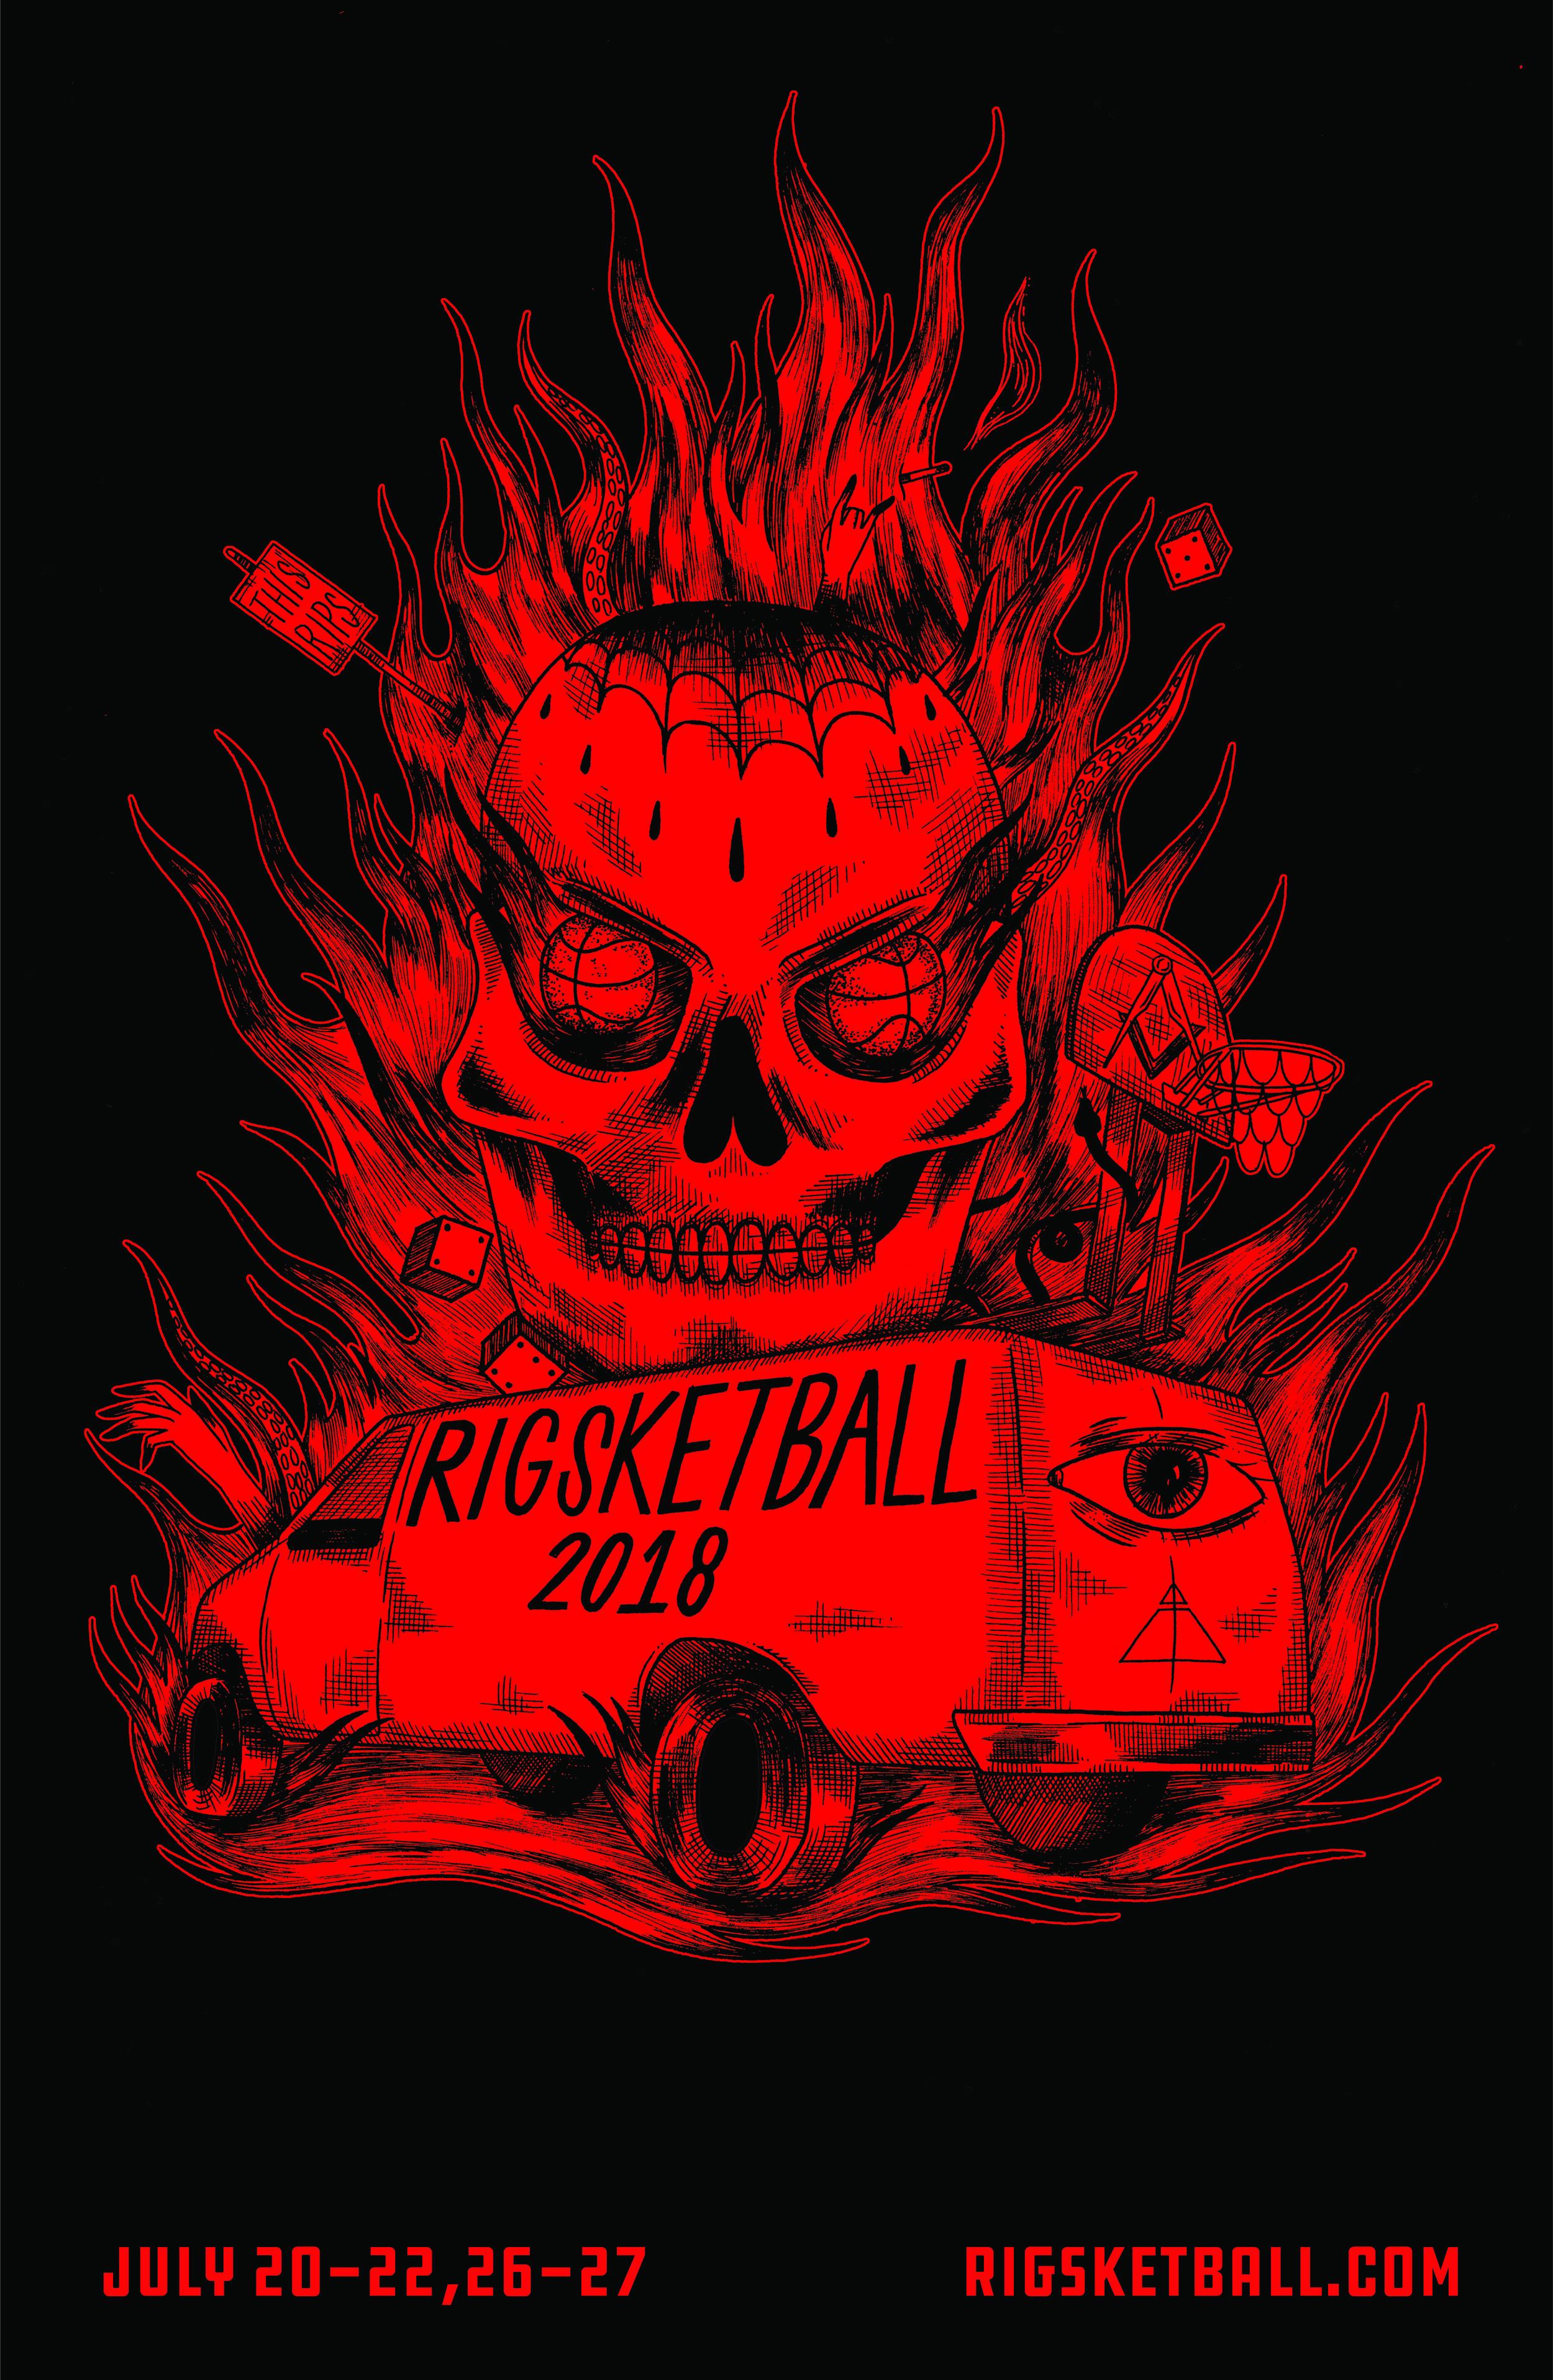 Rigsketball_poster-02.jpg